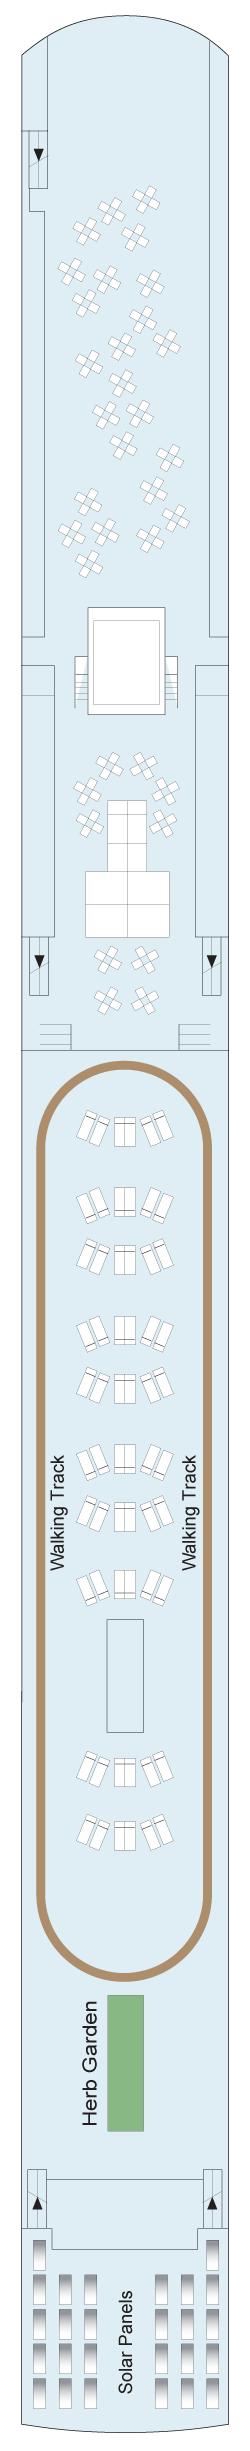 Viking Alsvin Sun Deck